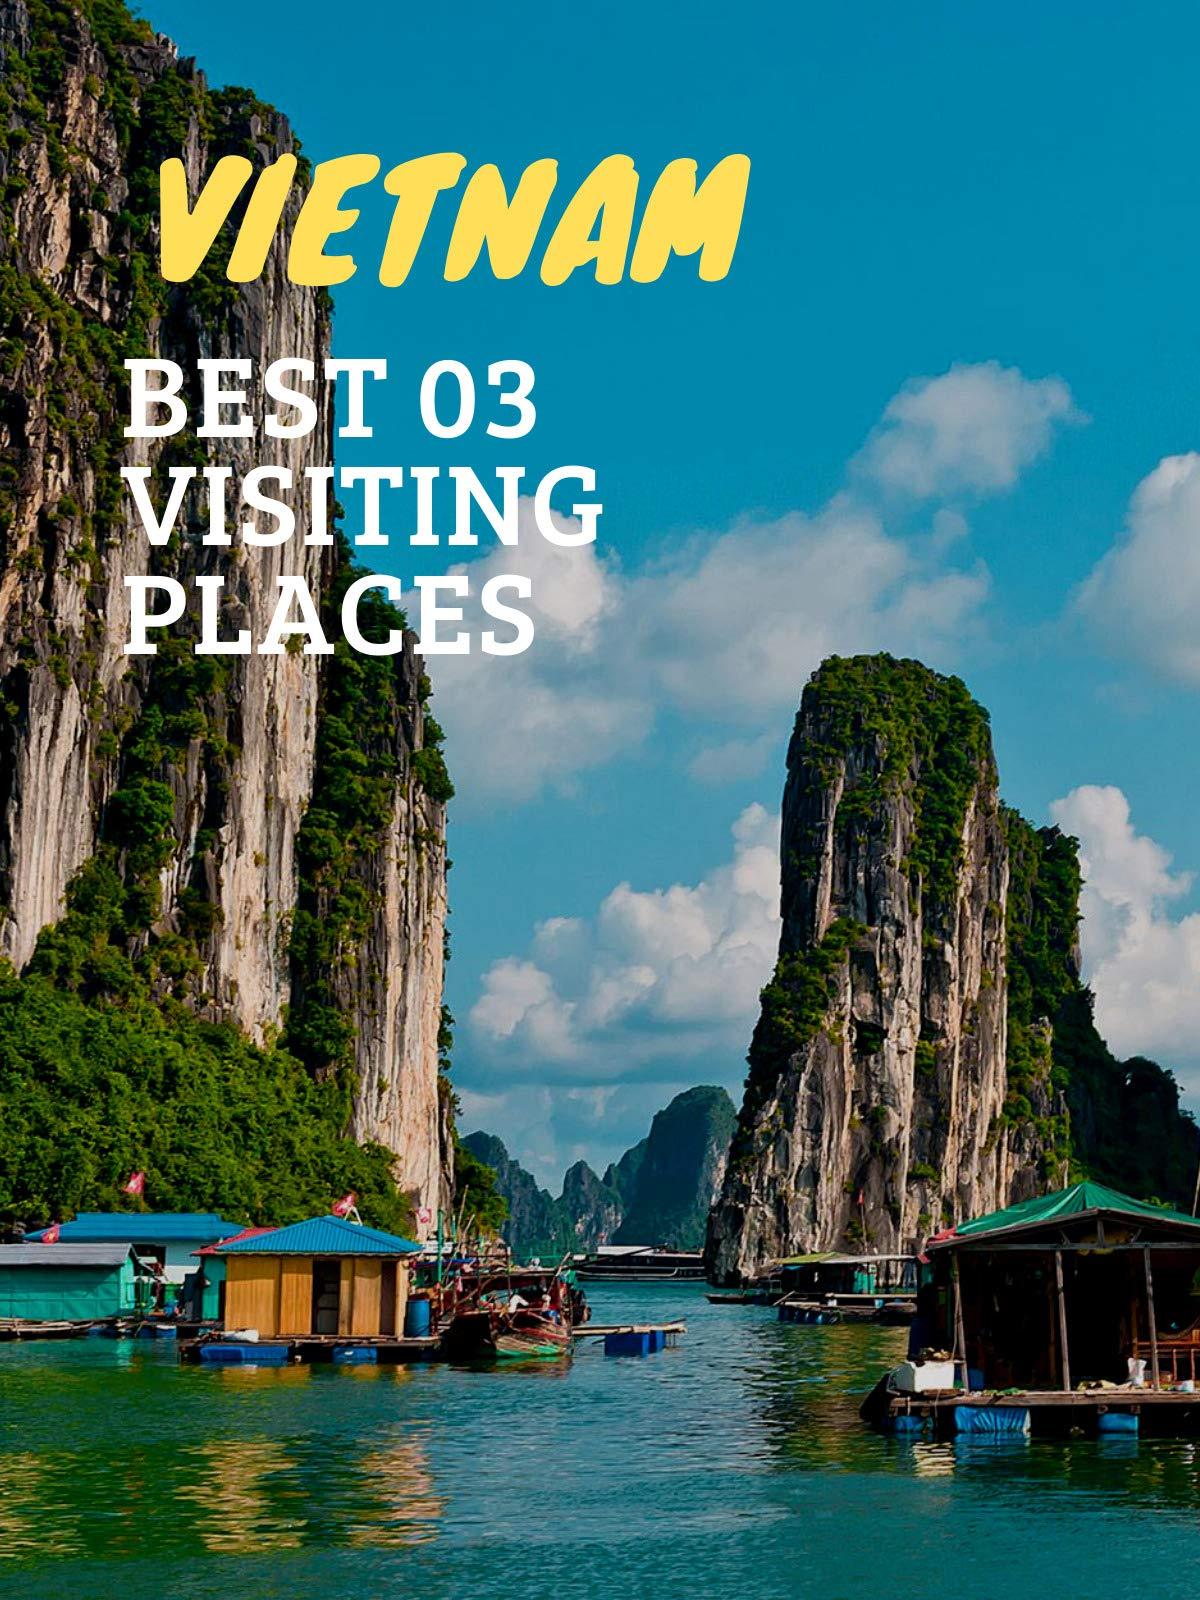 Clip: Vietnam Best 03 Visiting Places on Amazon Prime Video UK